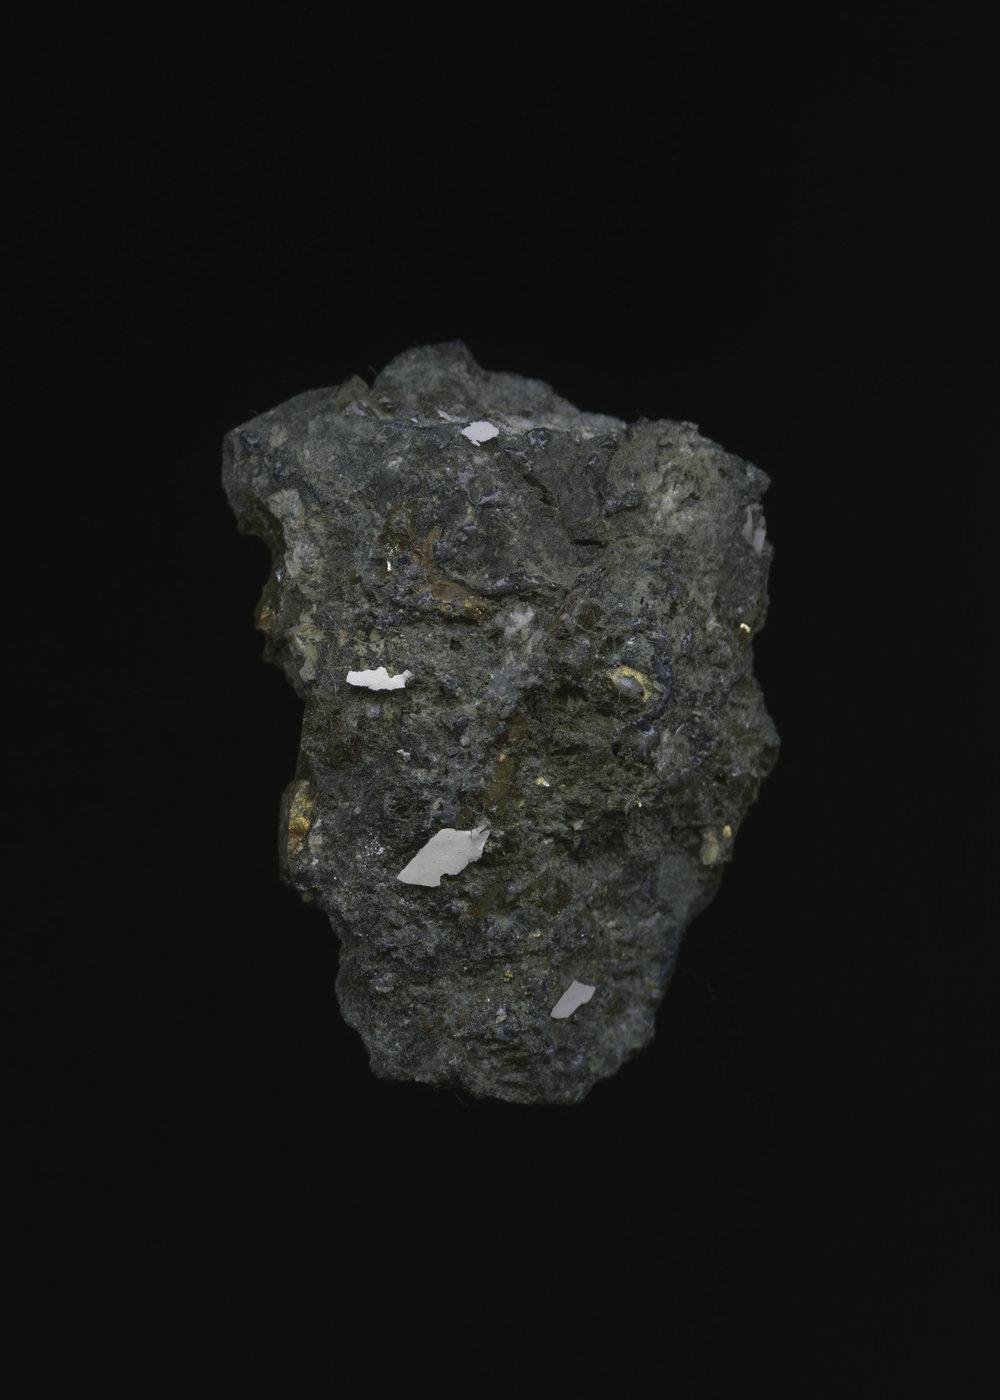 mineralsk materie-9.jpg